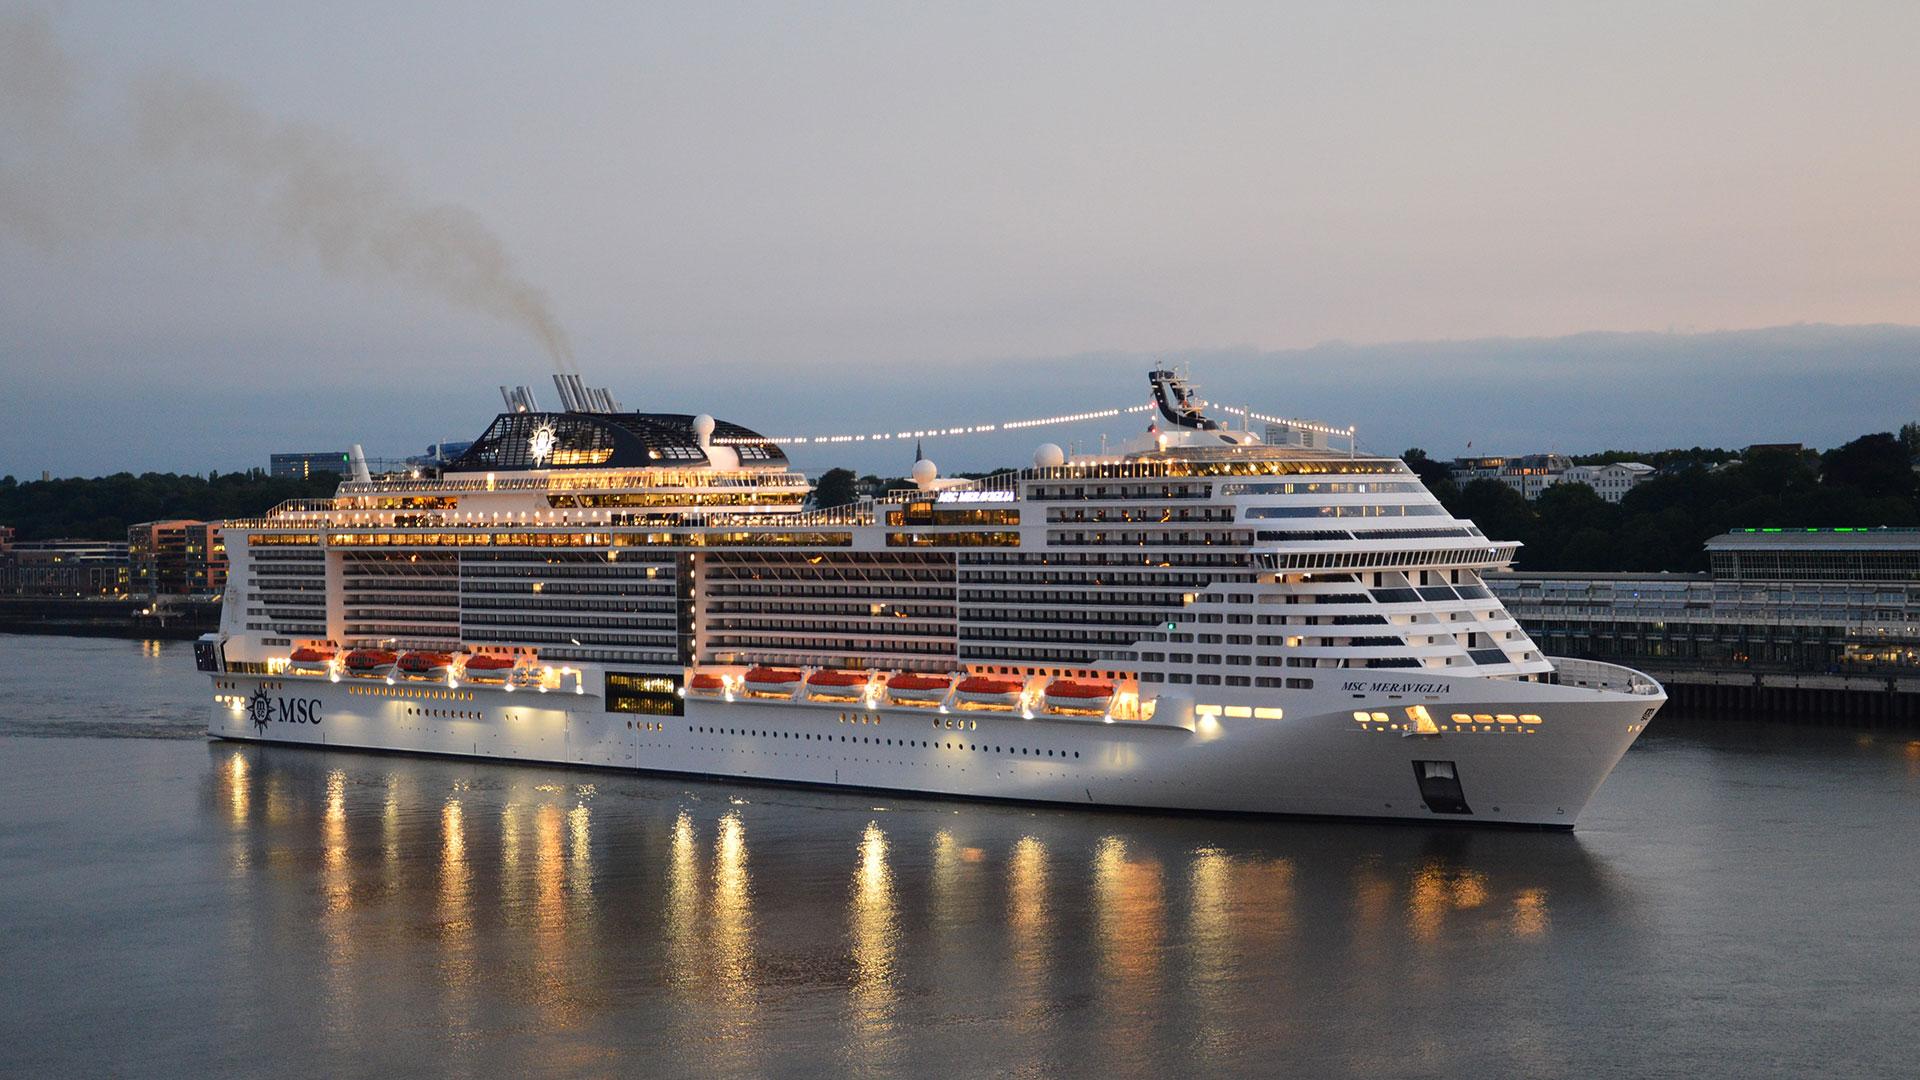 Schiffstaufen 2019 - Hapag Lloyd Hanseatic nature und MSC ...